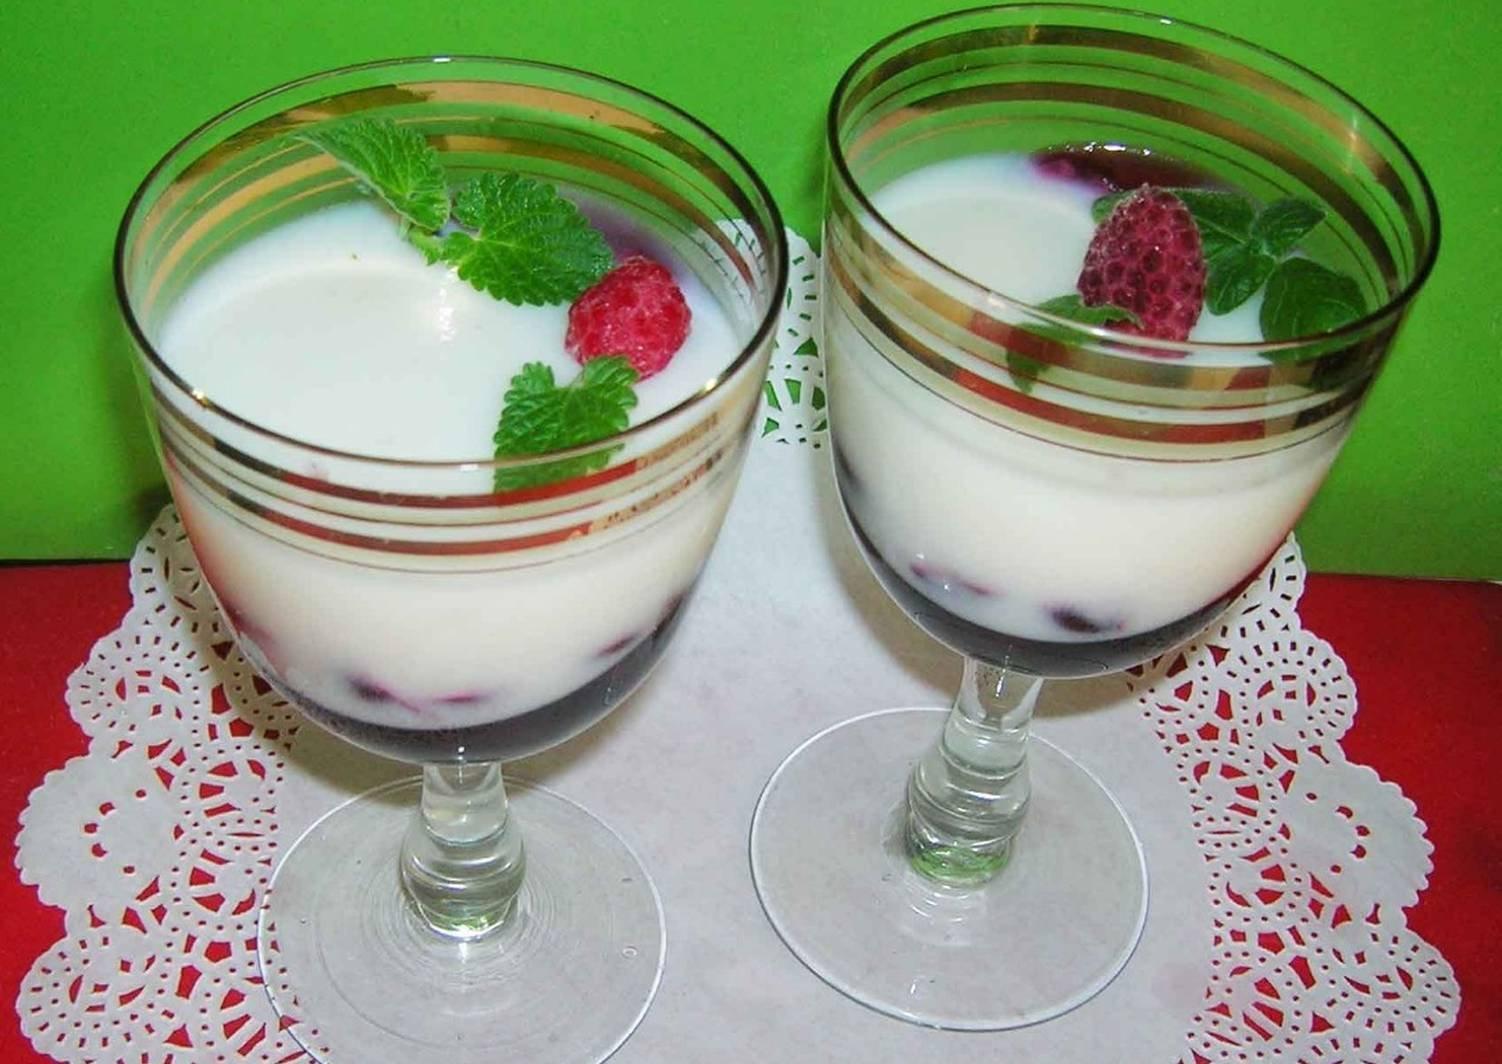 Малиновое варенье на зиму - 12 лучших рецептов варенья из малины